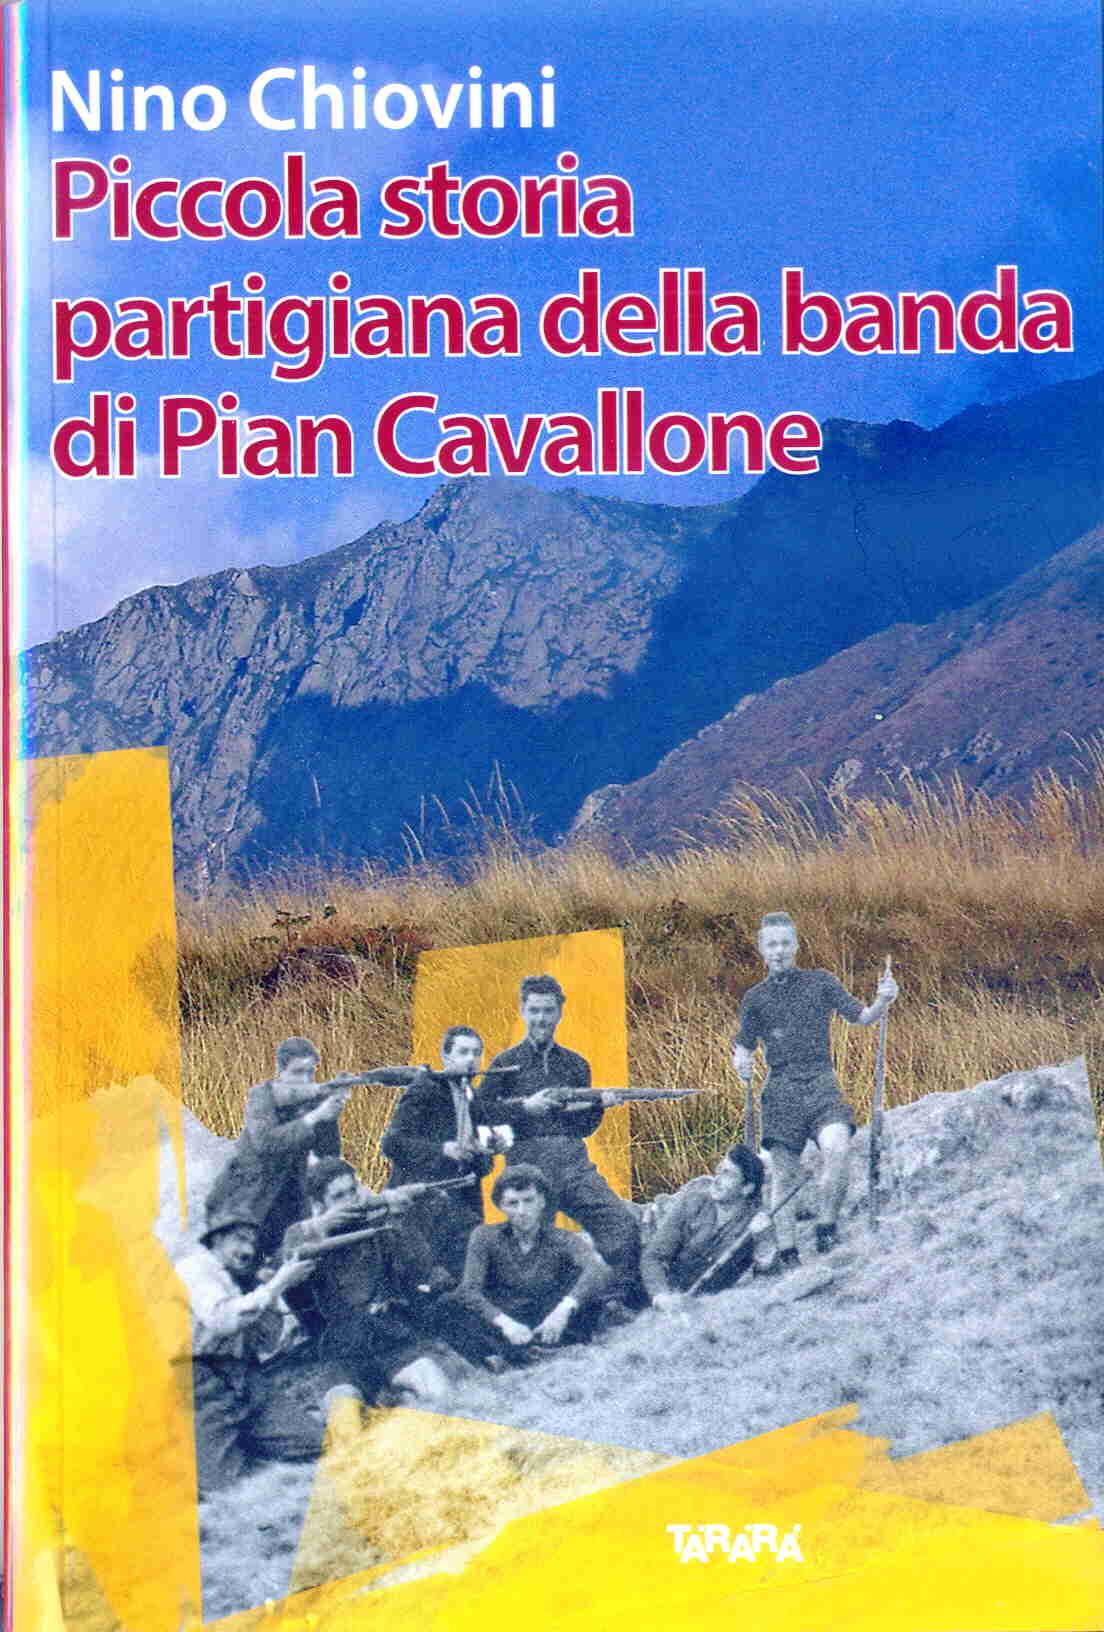 Piccola storia partigiana della banda di Pian Cavallone